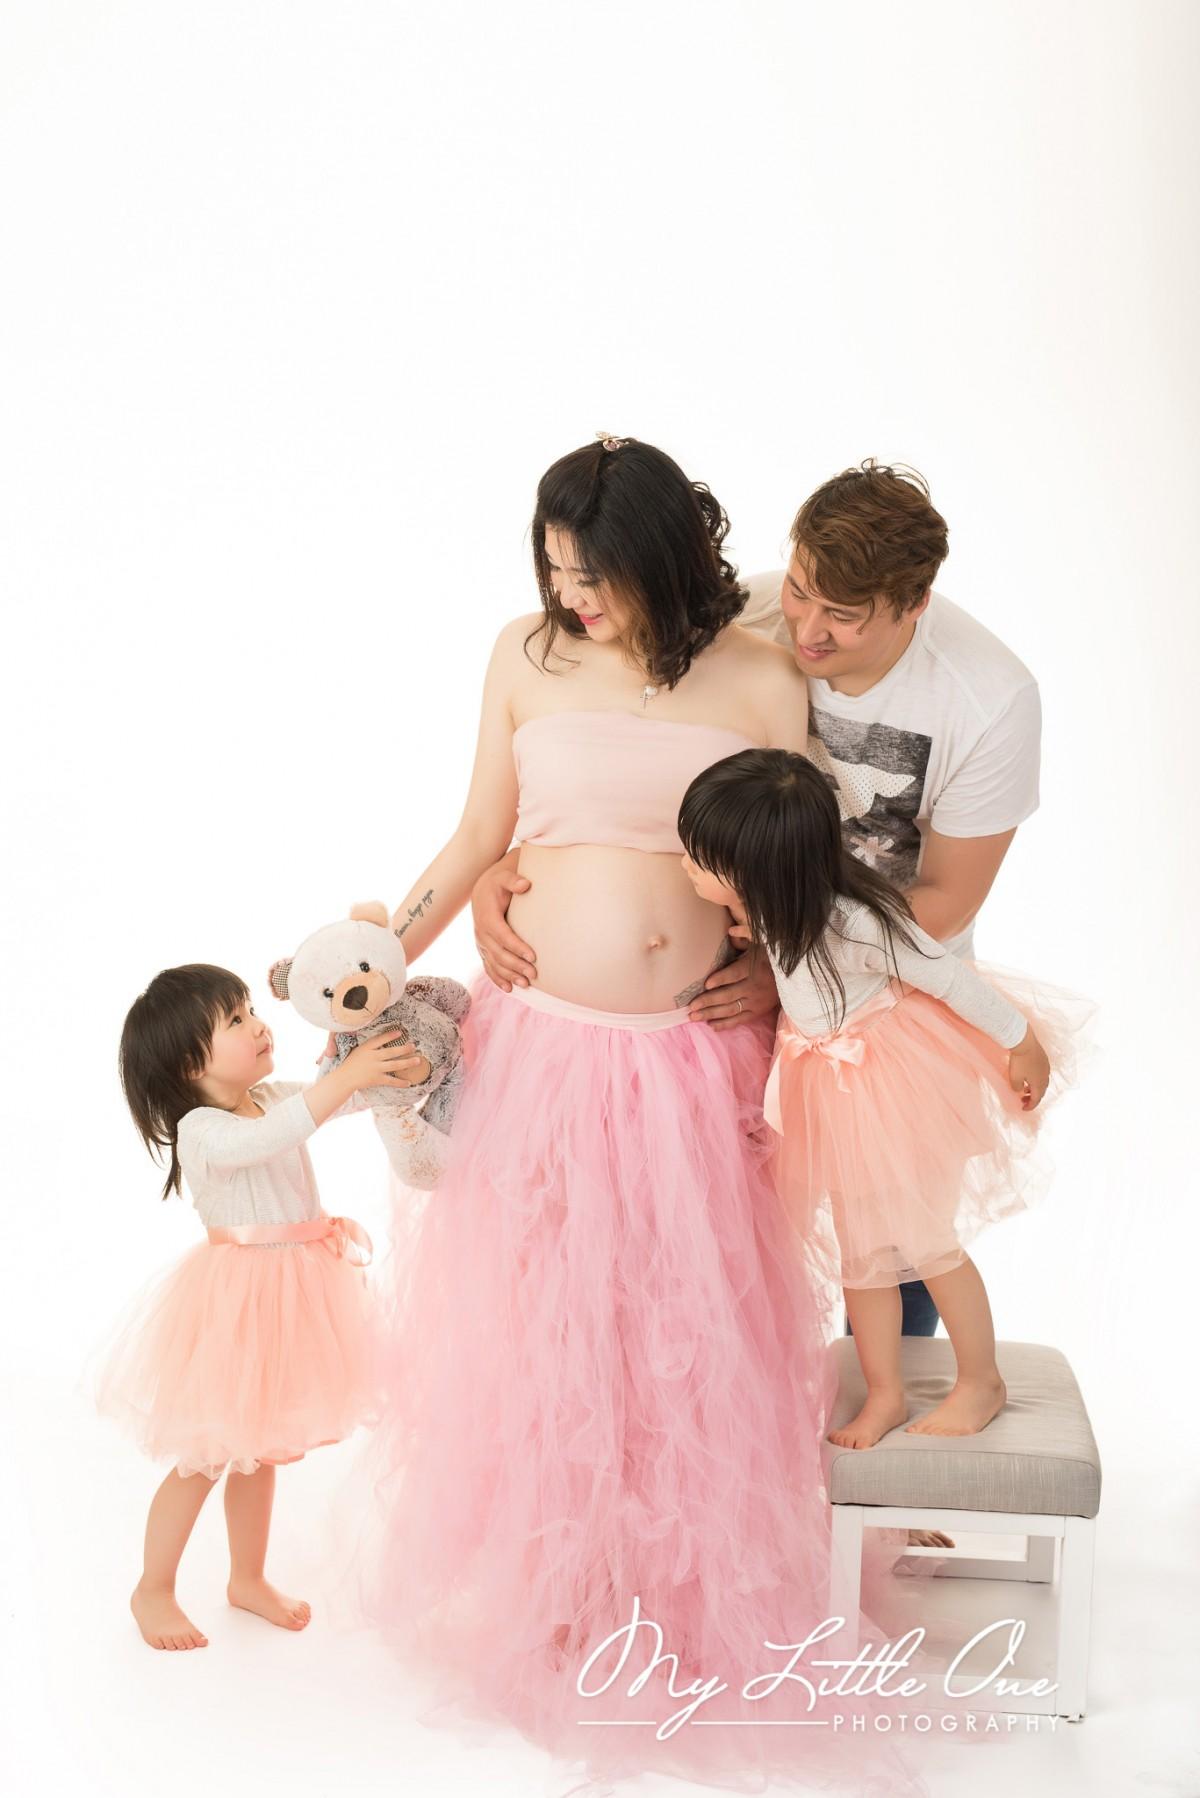 Sydney-Maternity-Photo-Rachel Liu-20